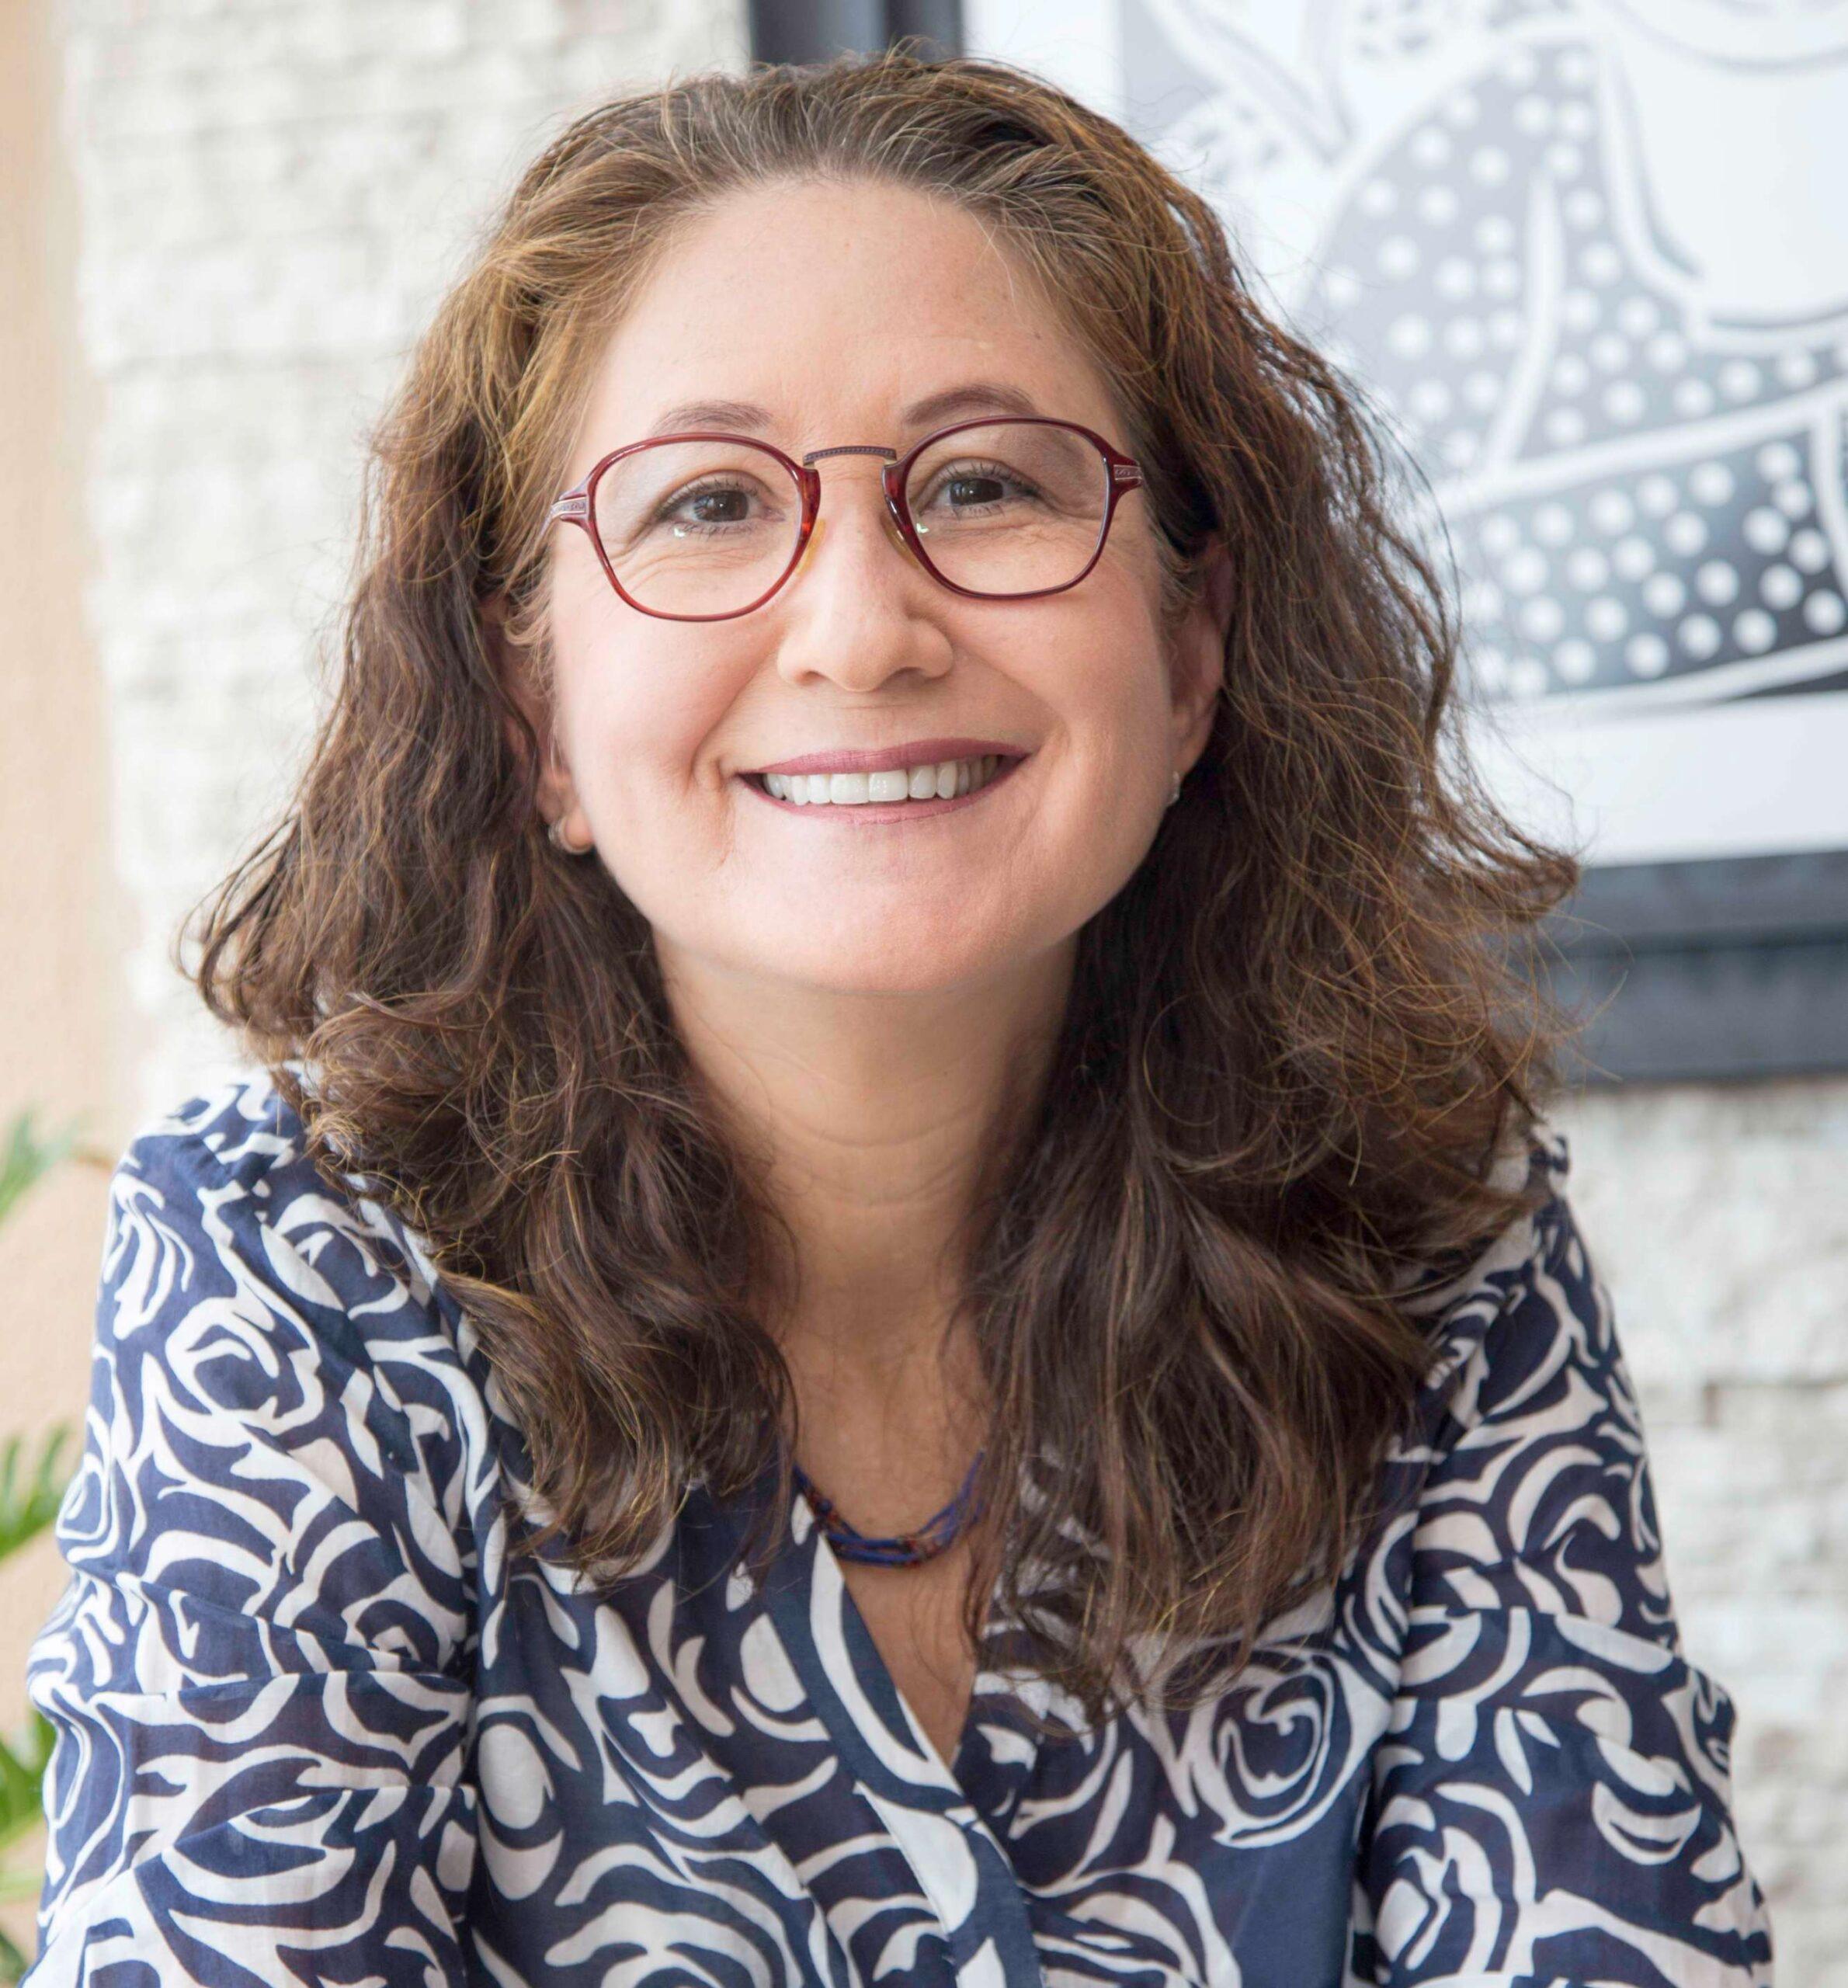 Paola Tôrres ministra palestra sobre prevenção ao câncer de mama em evento do Ibef Mulher